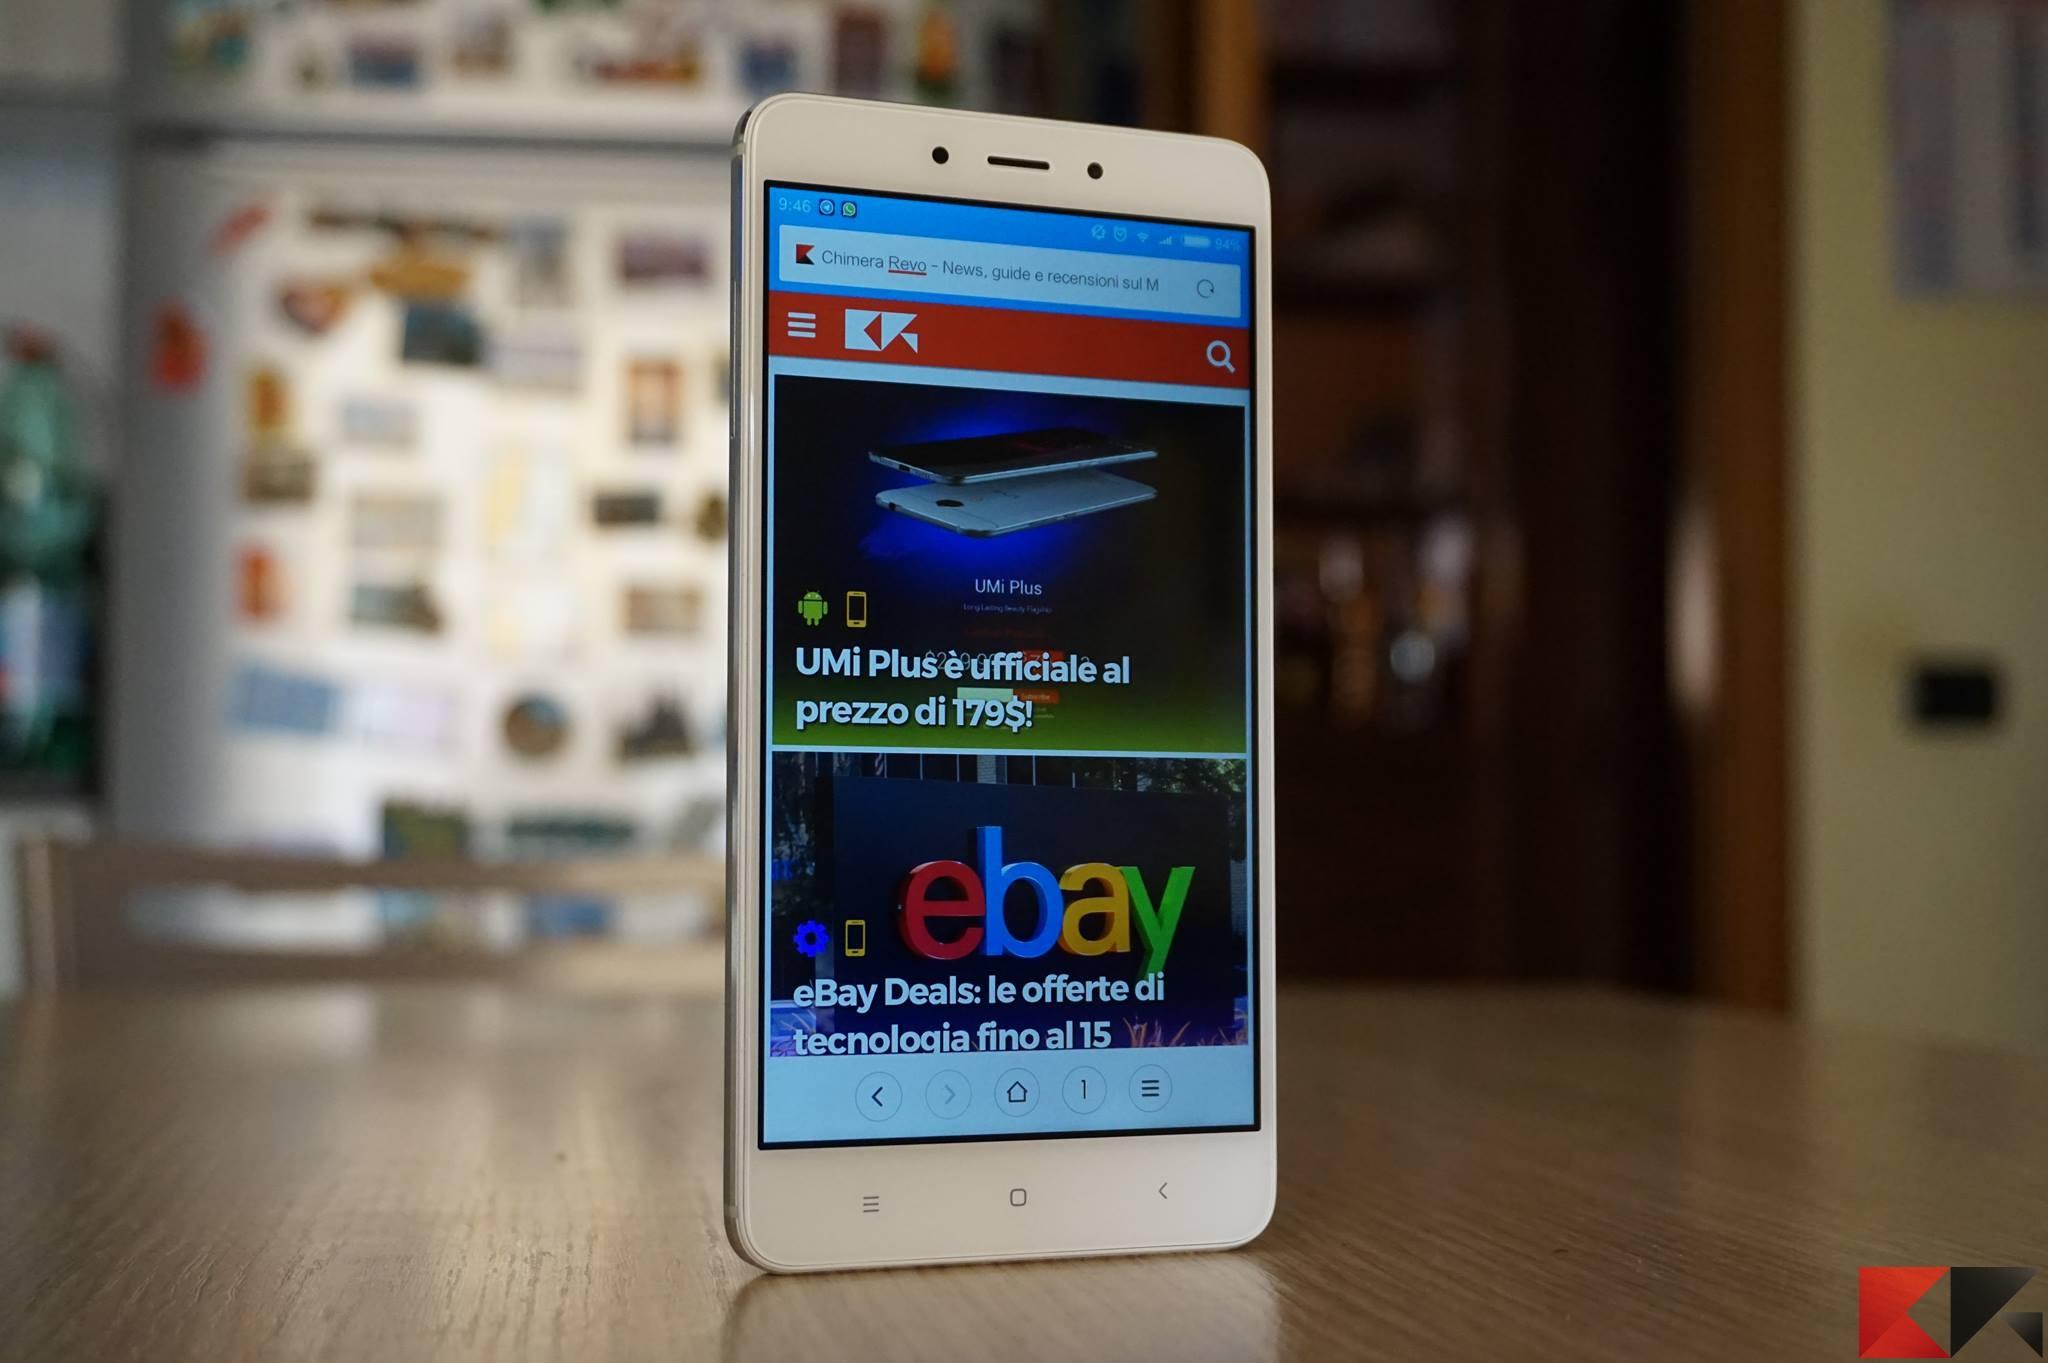 Test live batteria: Xiaomi Redmi Note 4